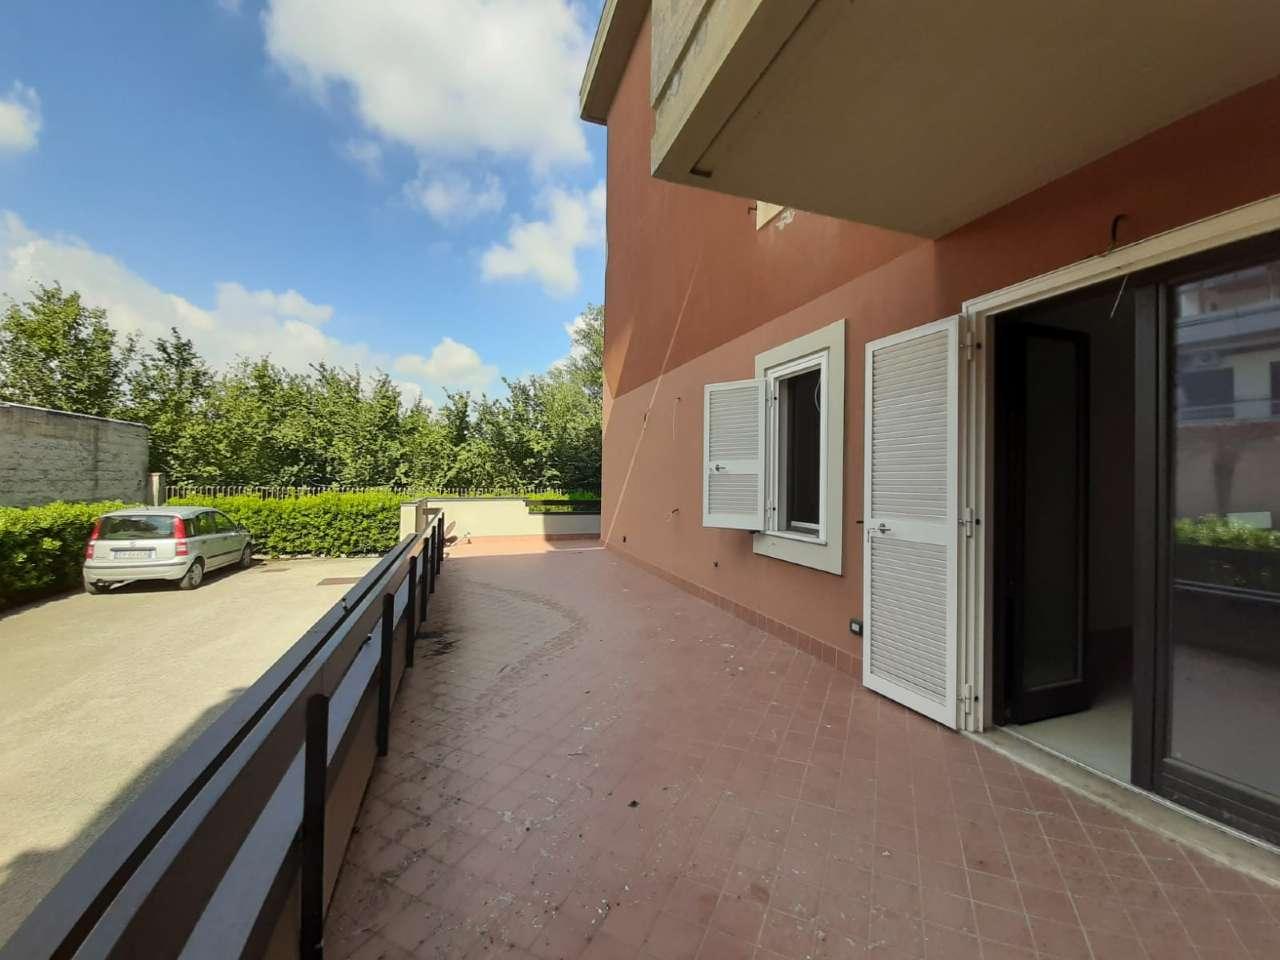 Appartamento in vendita a Nola, 6 locali, prezzo € 200.000   PortaleAgenzieImmobiliari.it